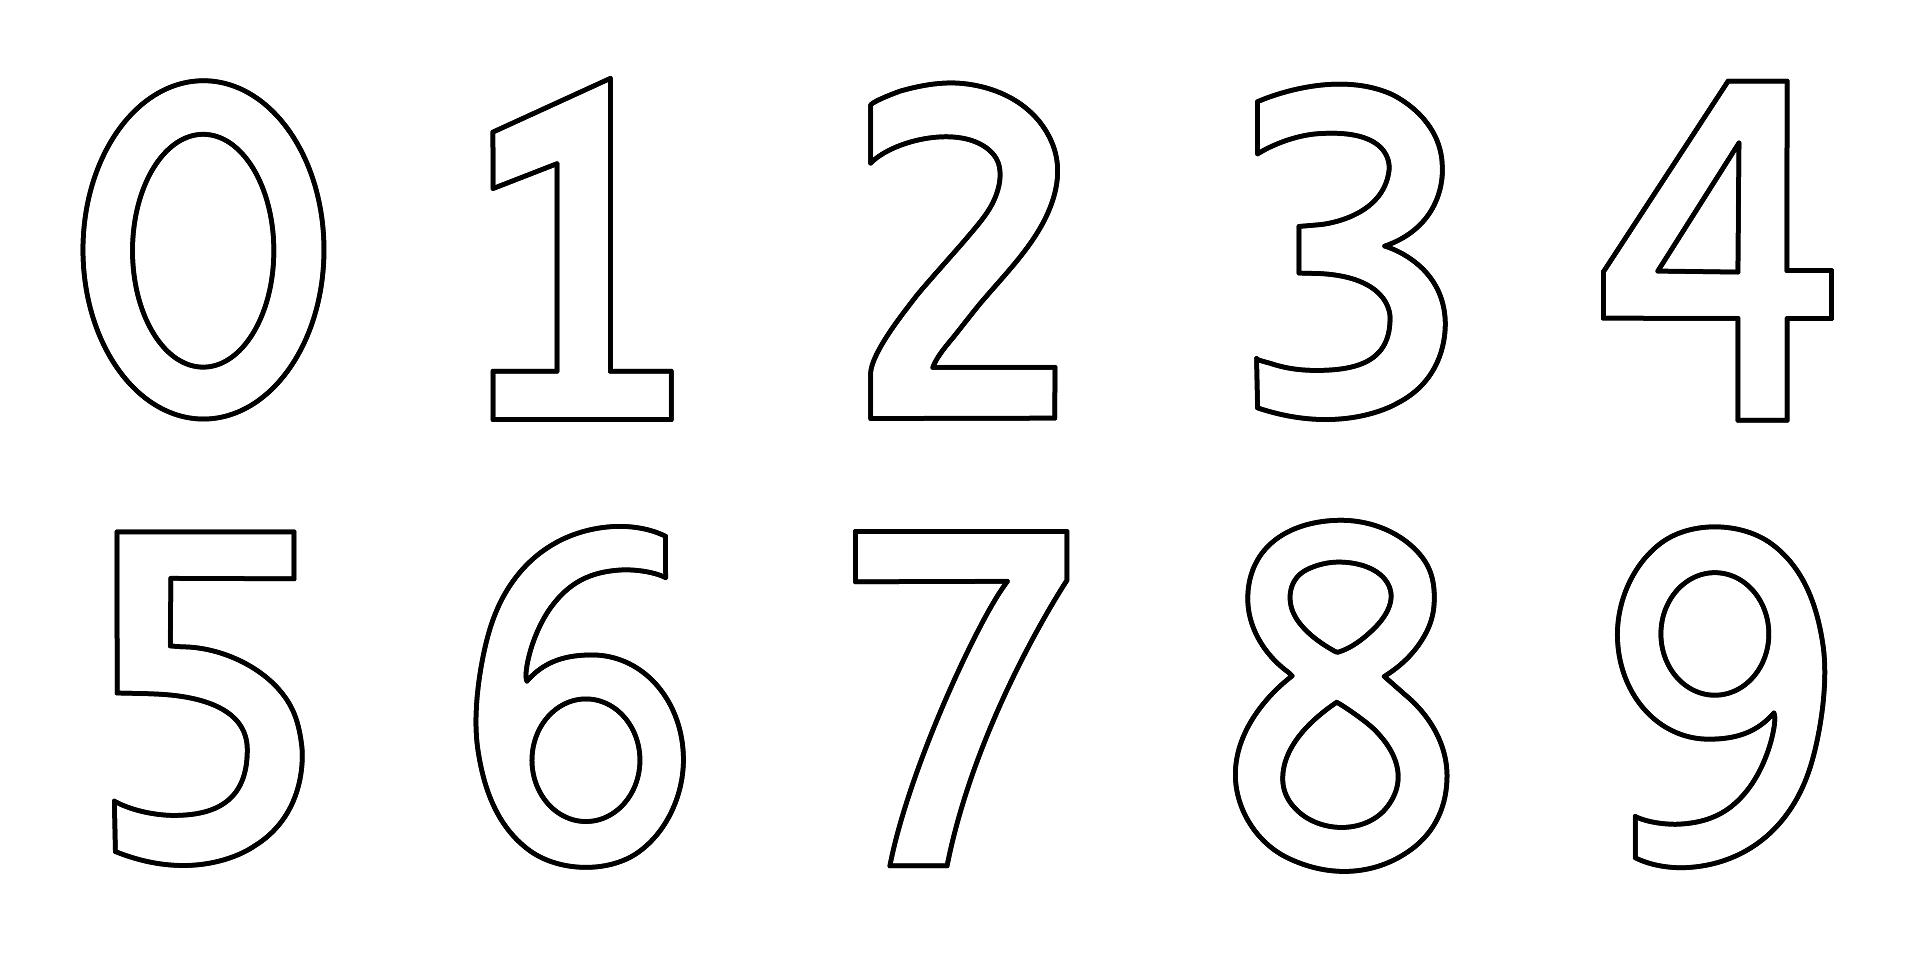 Dibujos De Numeros Para Colorear E Imprimir Gratis Numeros Del 1 Al 10